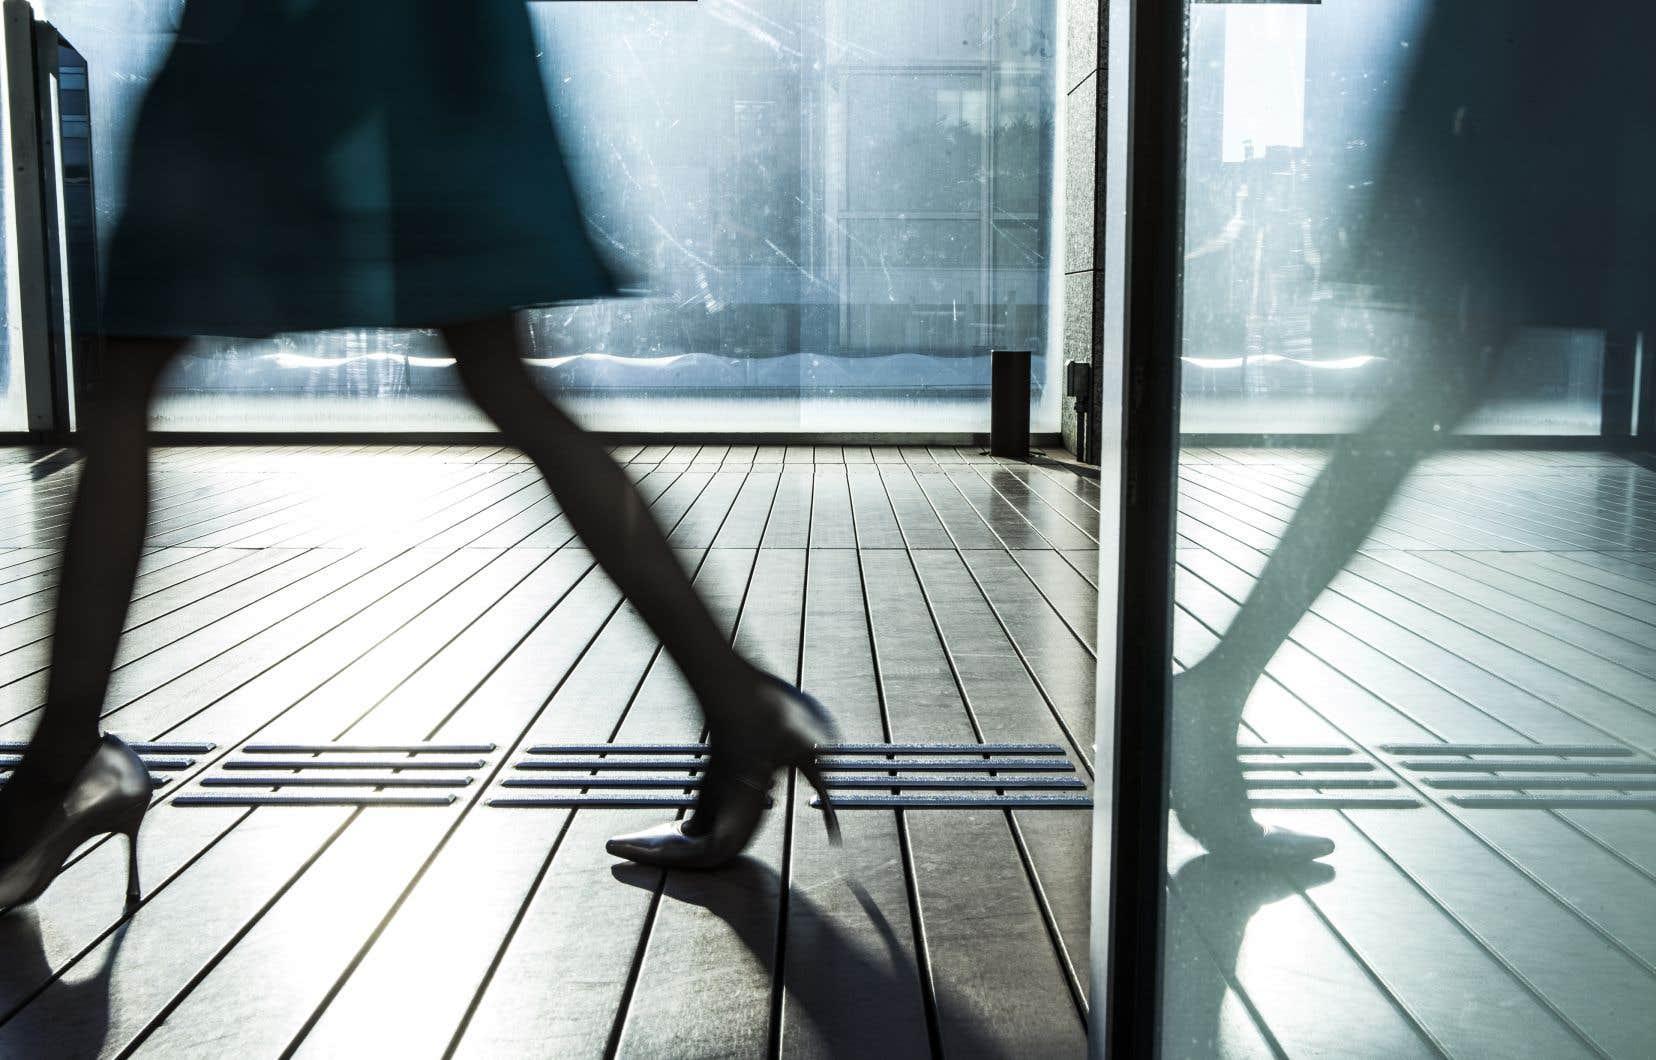 Qu'elles soient syndiquées ou non, les femmes professionnelles dans les sociétés de 200 employés et plus gagnent un salaire moyen inférieur à celui de leurs collègues masculins au privé comme au public.